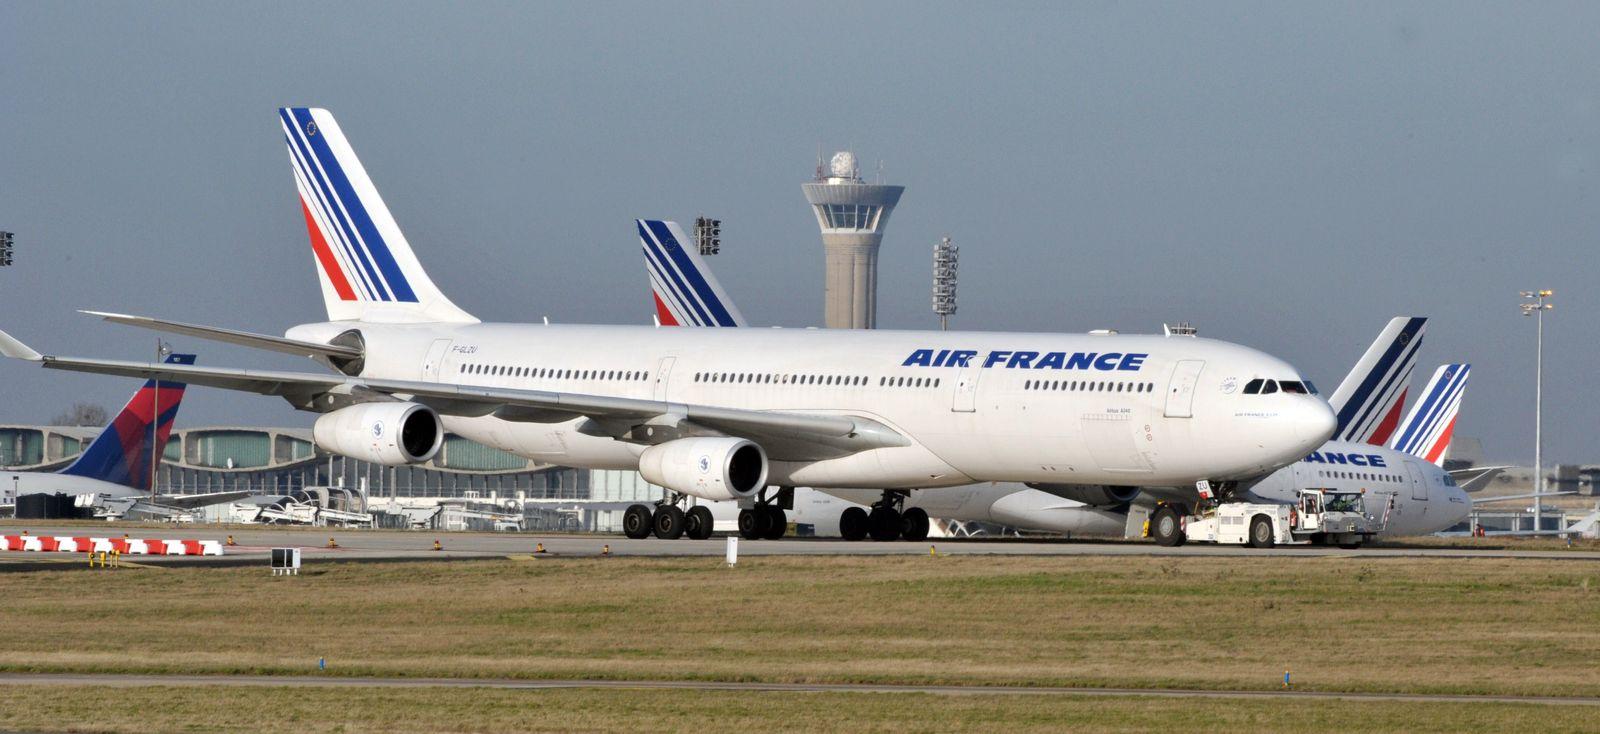 China / Airbus A340 / Air France